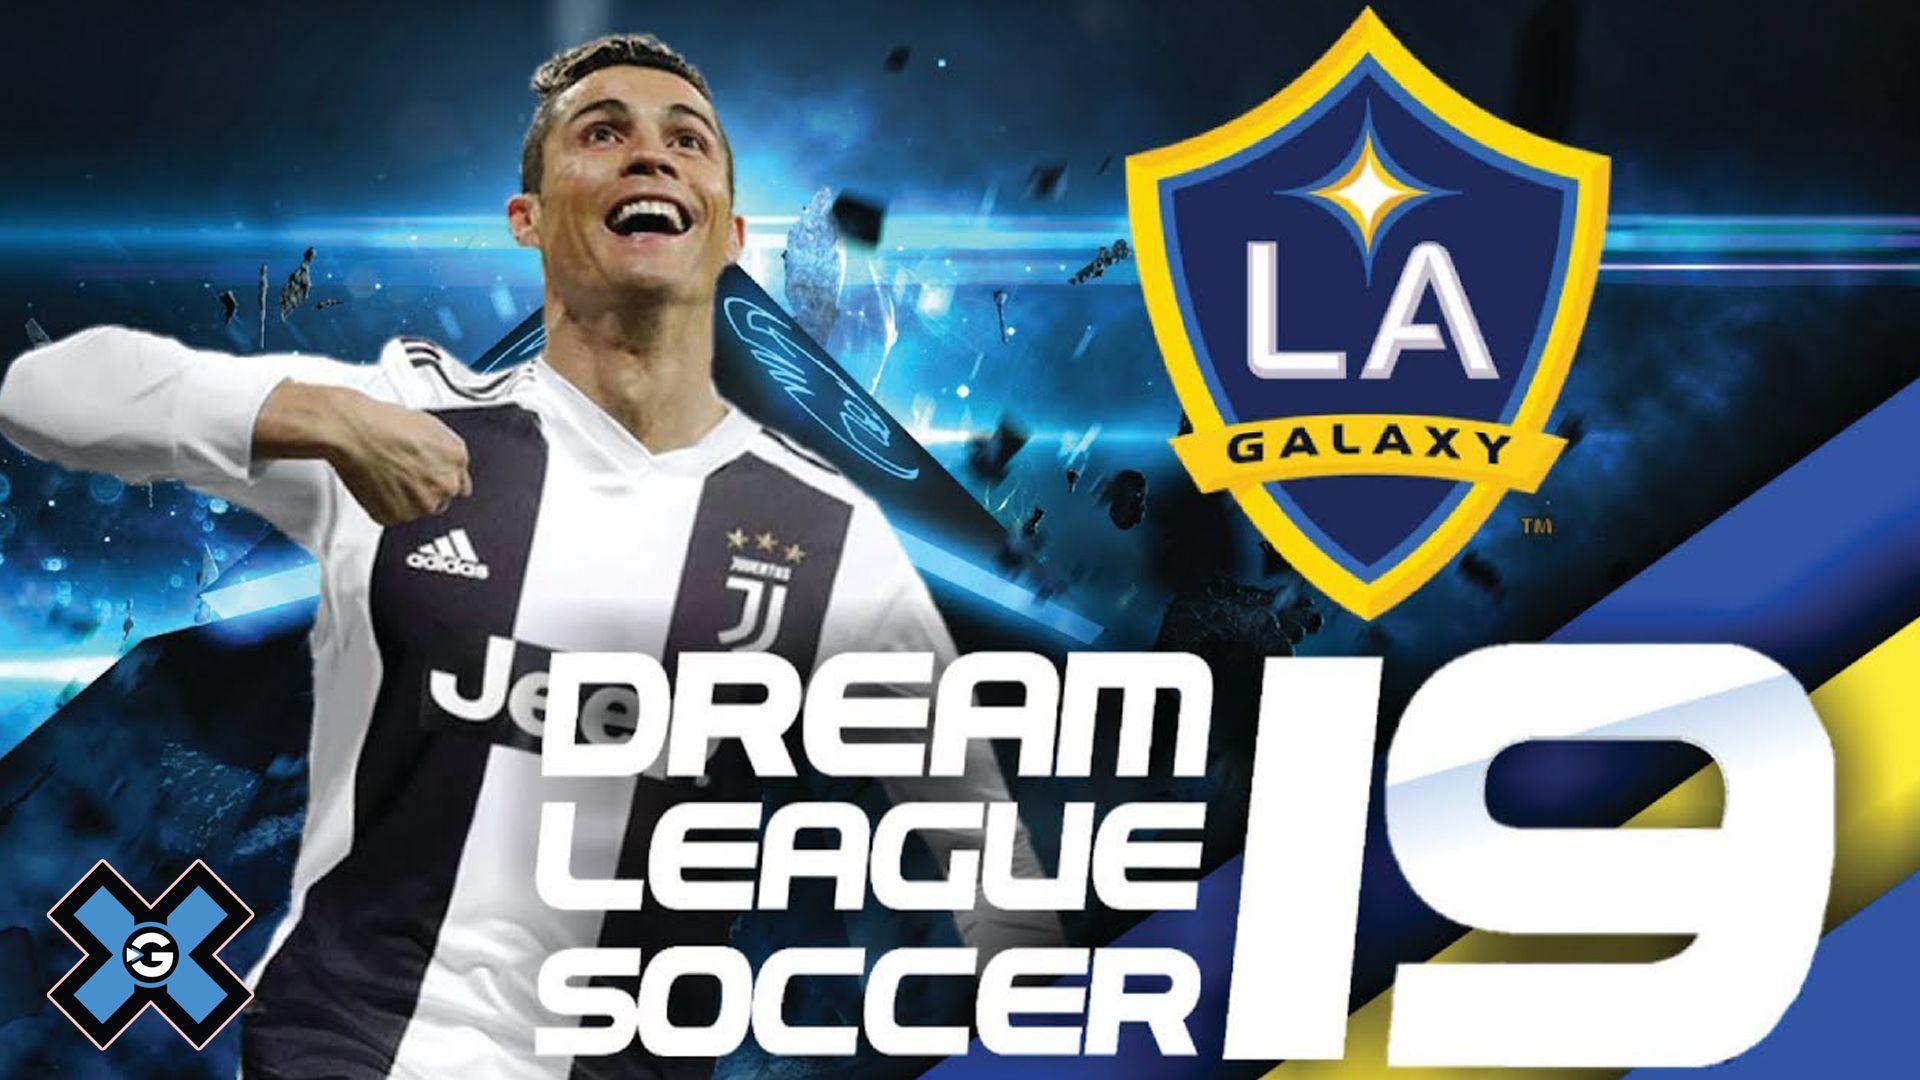 Dream League Soccer Hack Free Coins free kits2019. dream